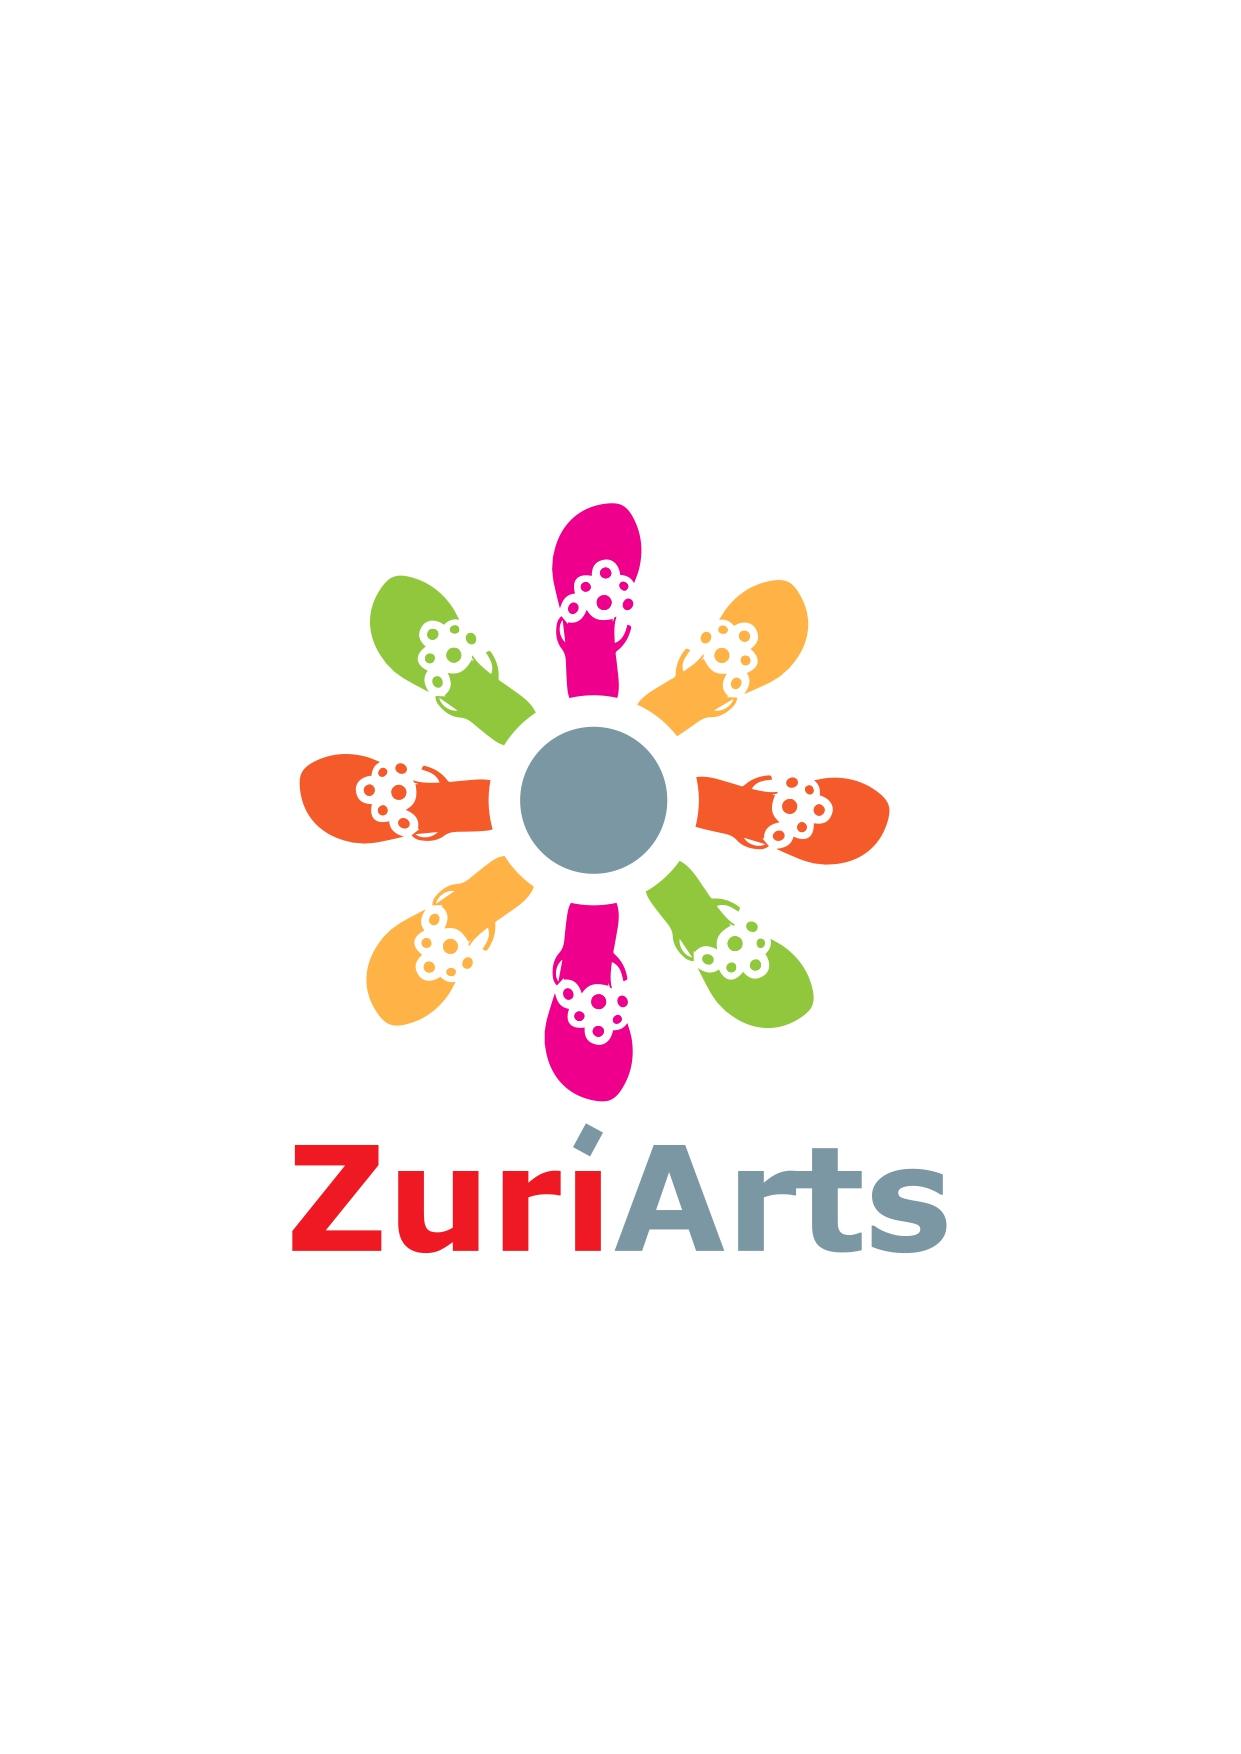 ZURI ARTS